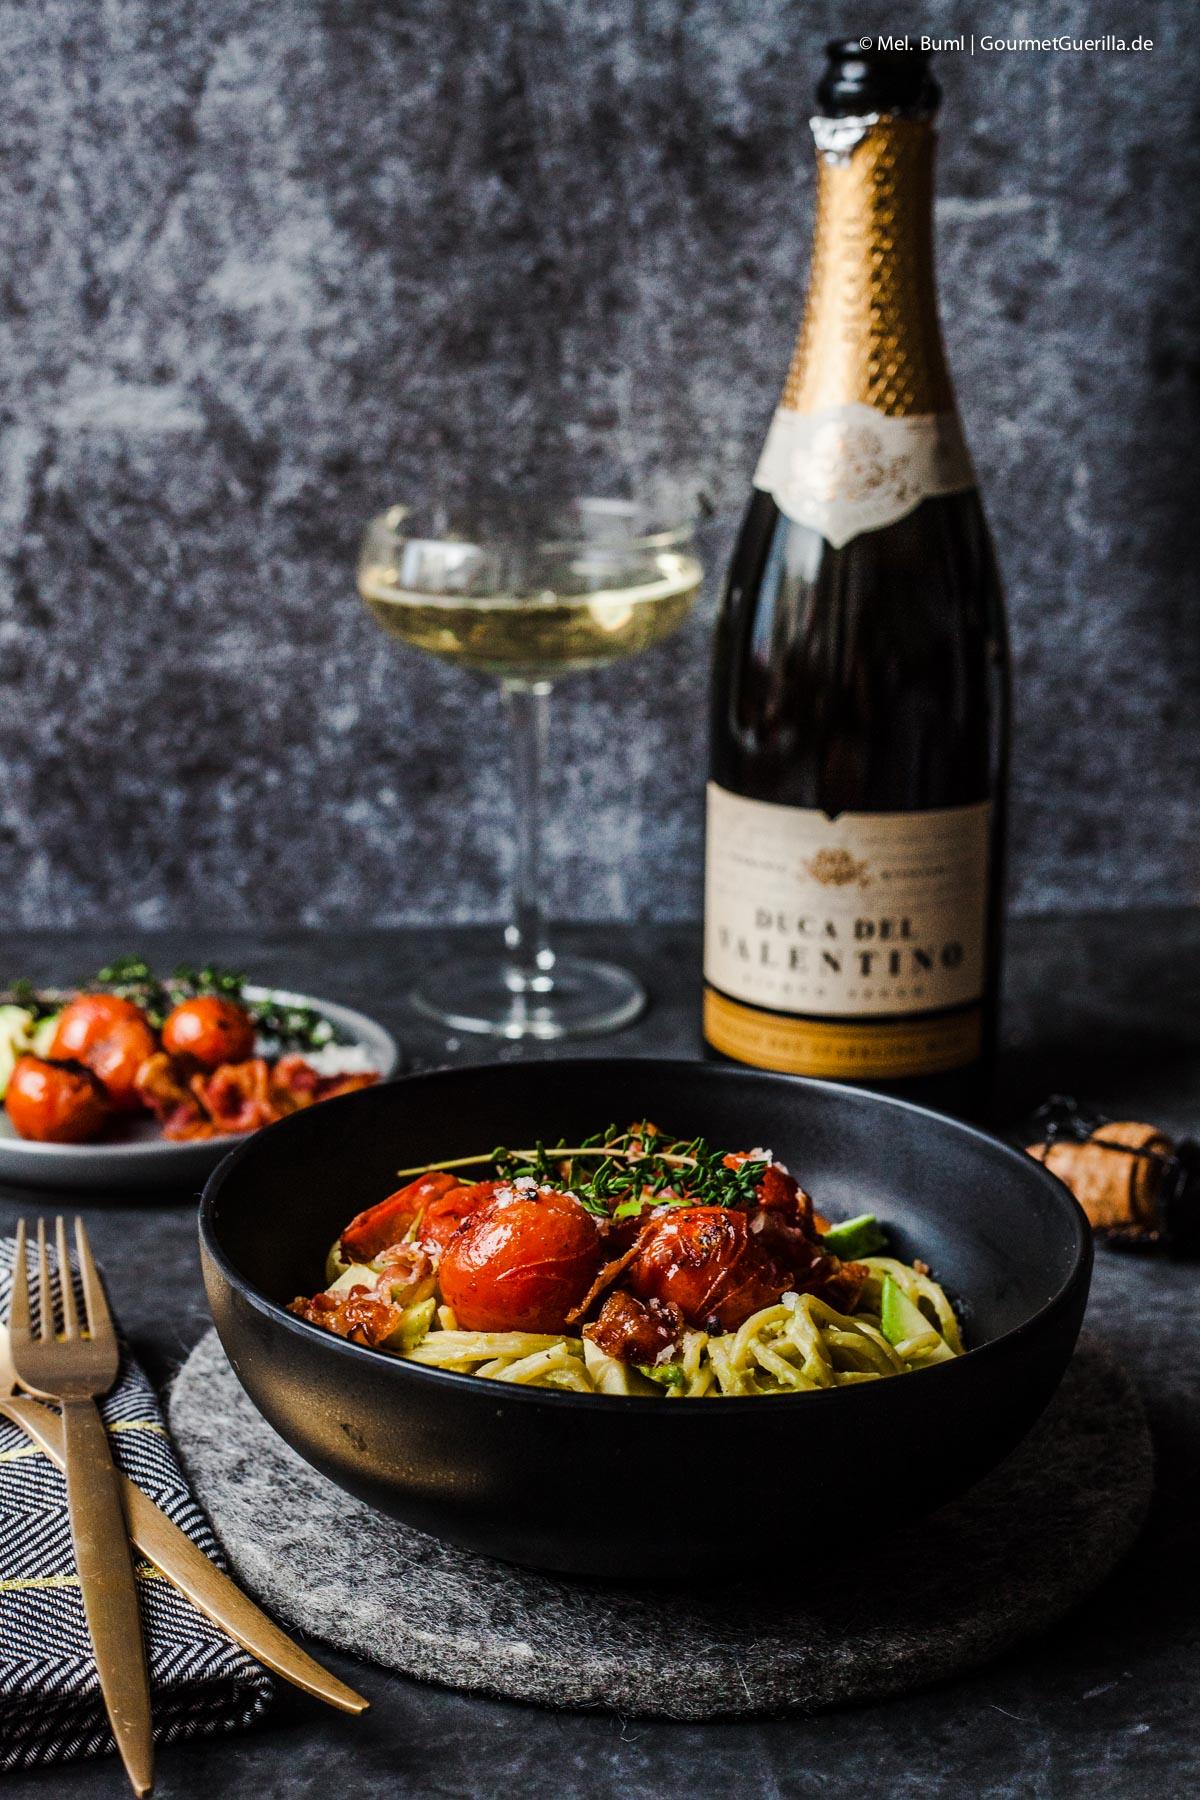 Spaghetti mit Avocado-Soße, geschmolzenen Tomaten und Bacon-Flakes |GourmetGuerilla.de